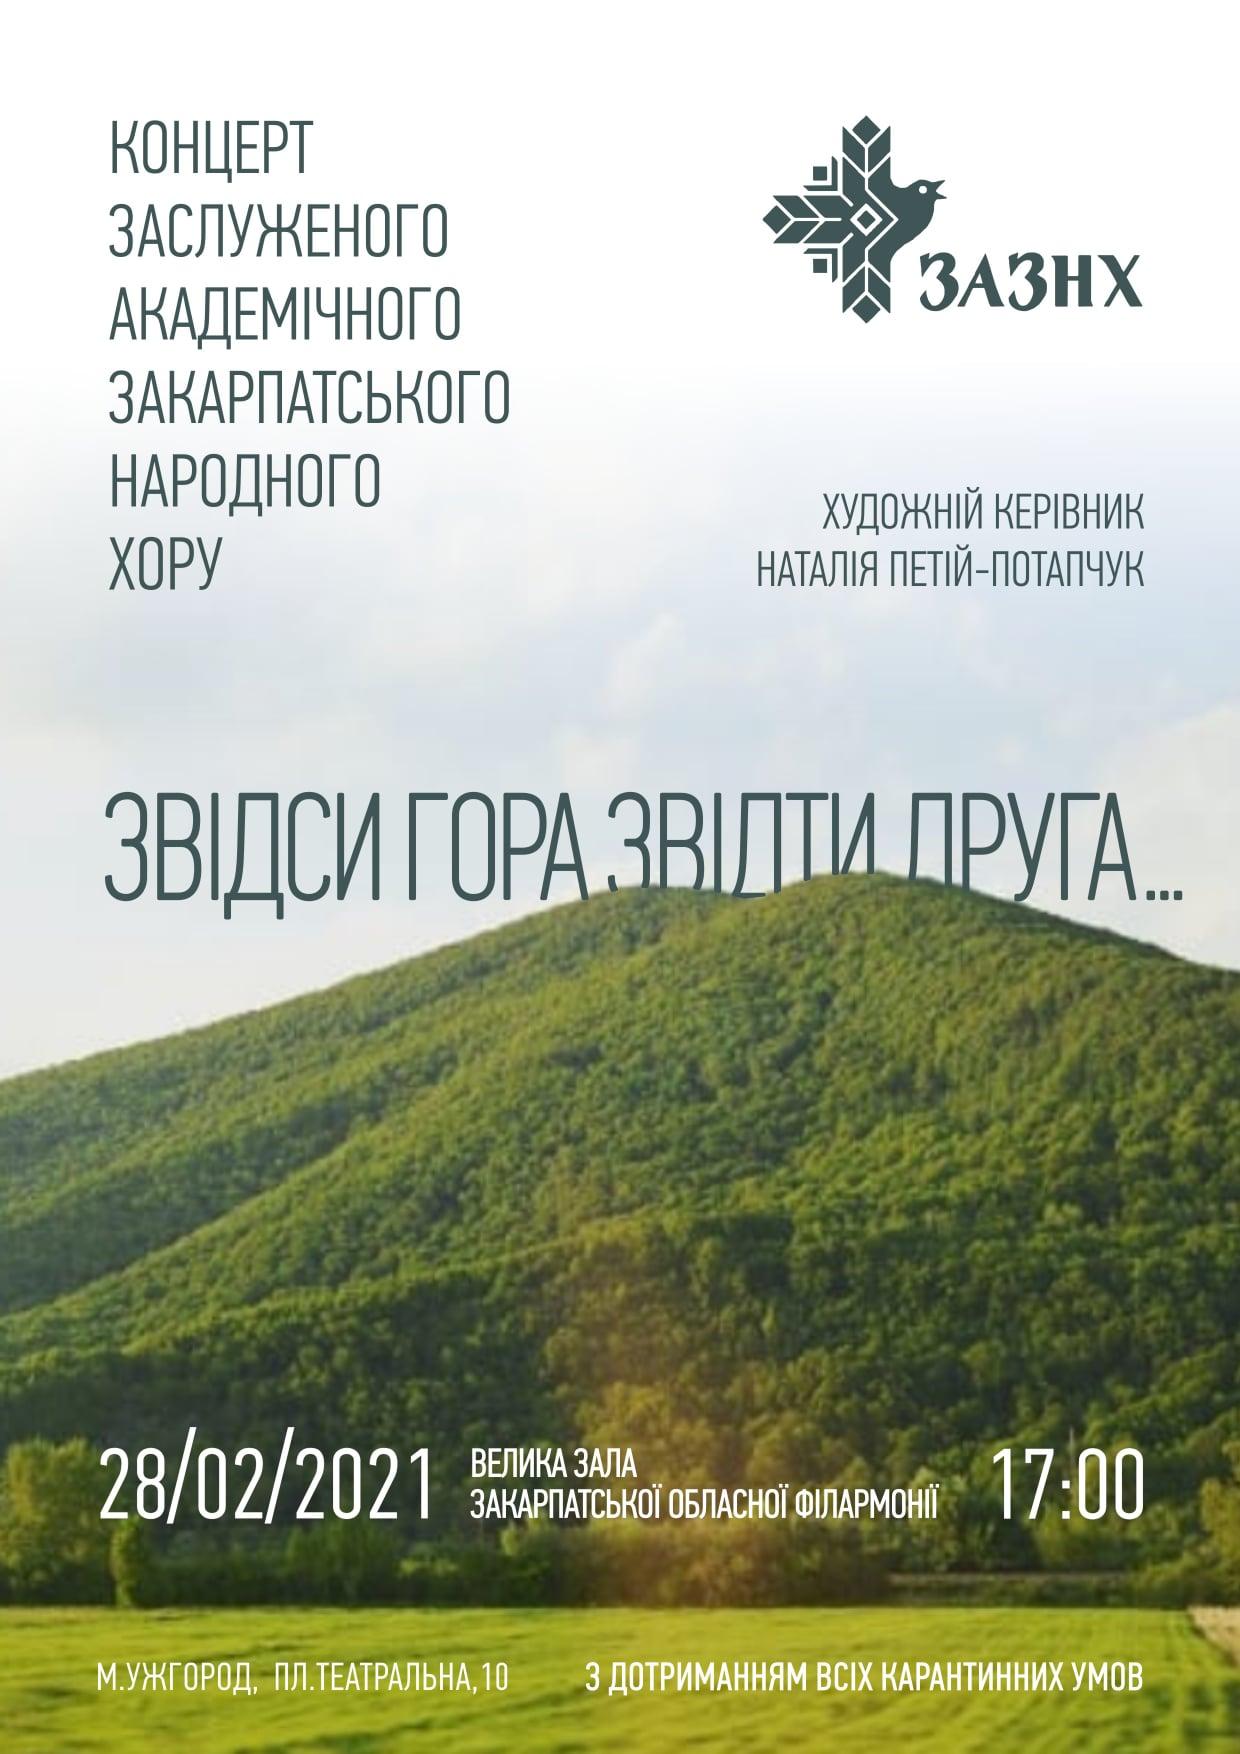 Прихід весни Закарпатський народний хор відзначить новою концертною програмою